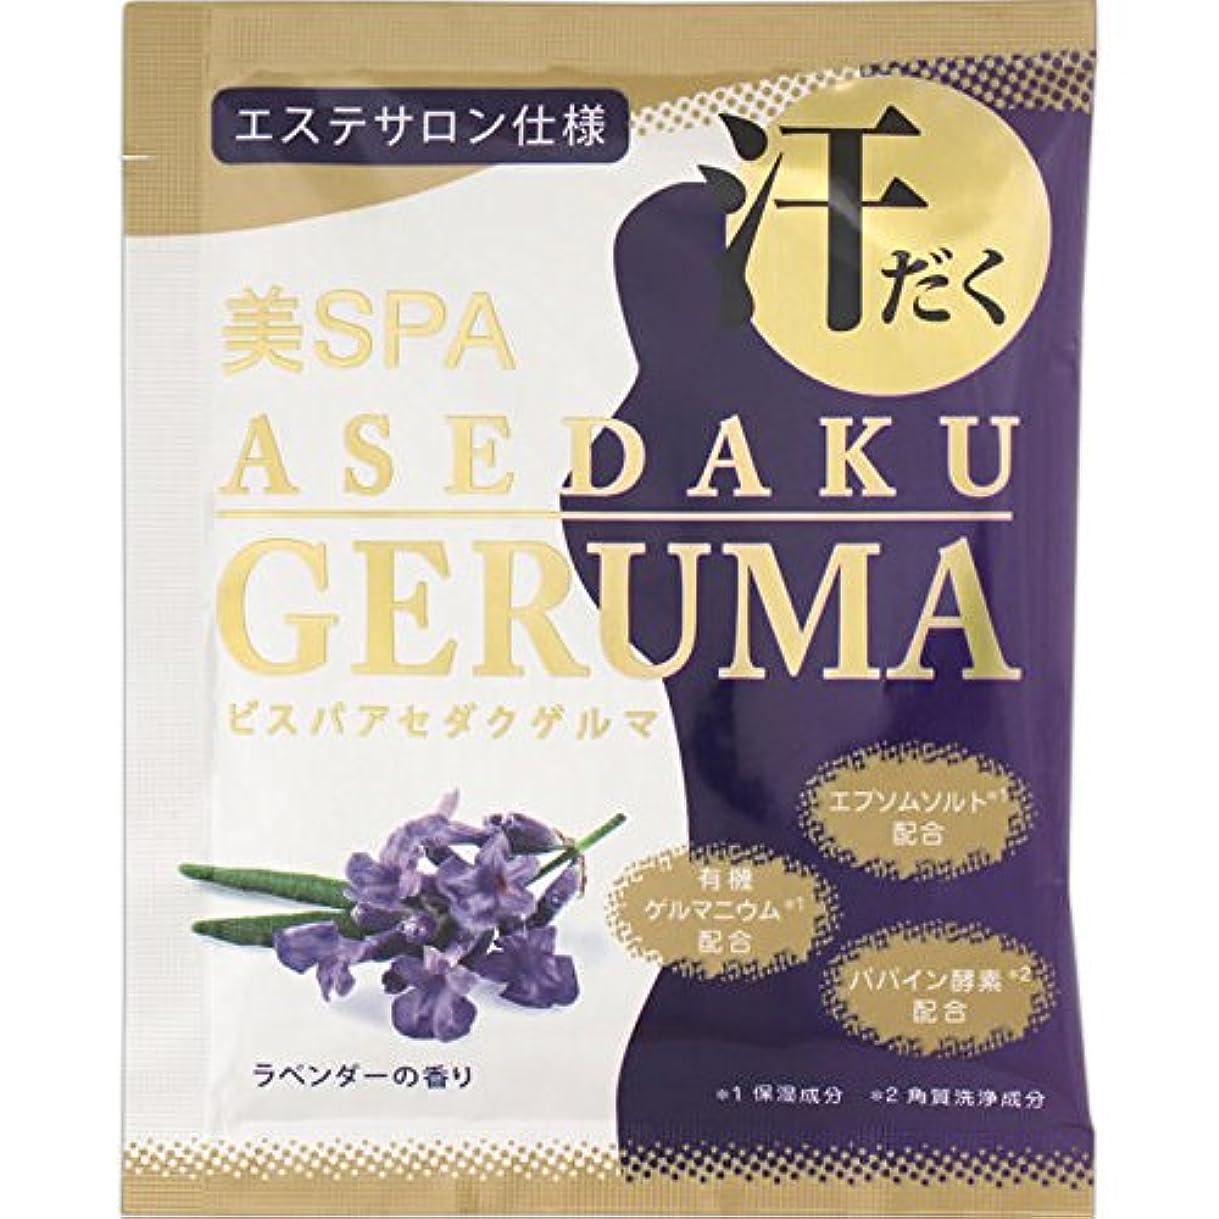 寸前書き込み酔う日本生化学 美SPA ASEDAKU GERUMA ラベンダー 30g